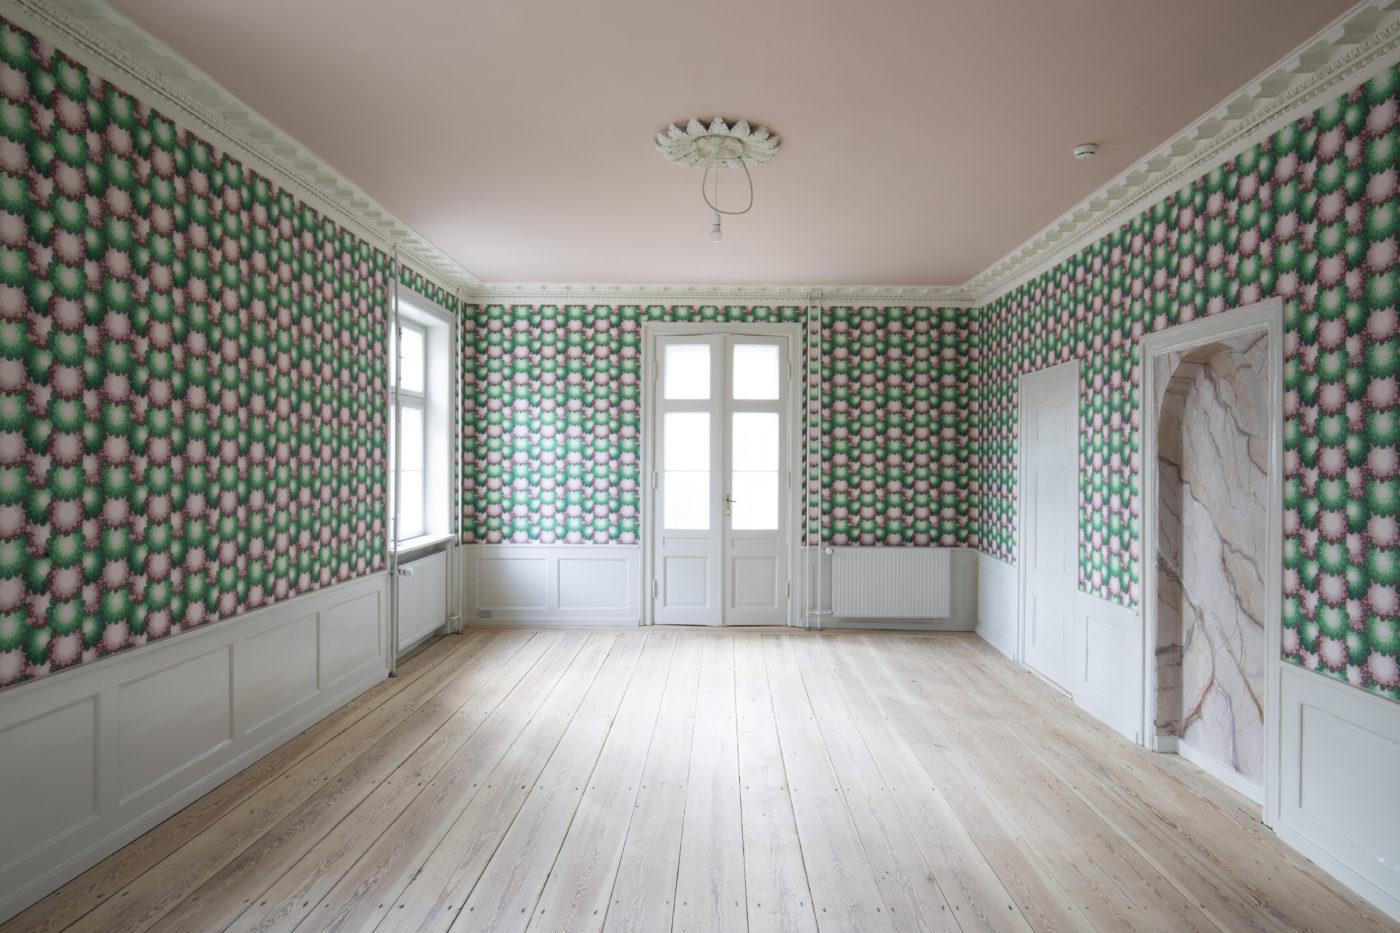 Fasangården Frederiksberg interiør Elgaard Architecture